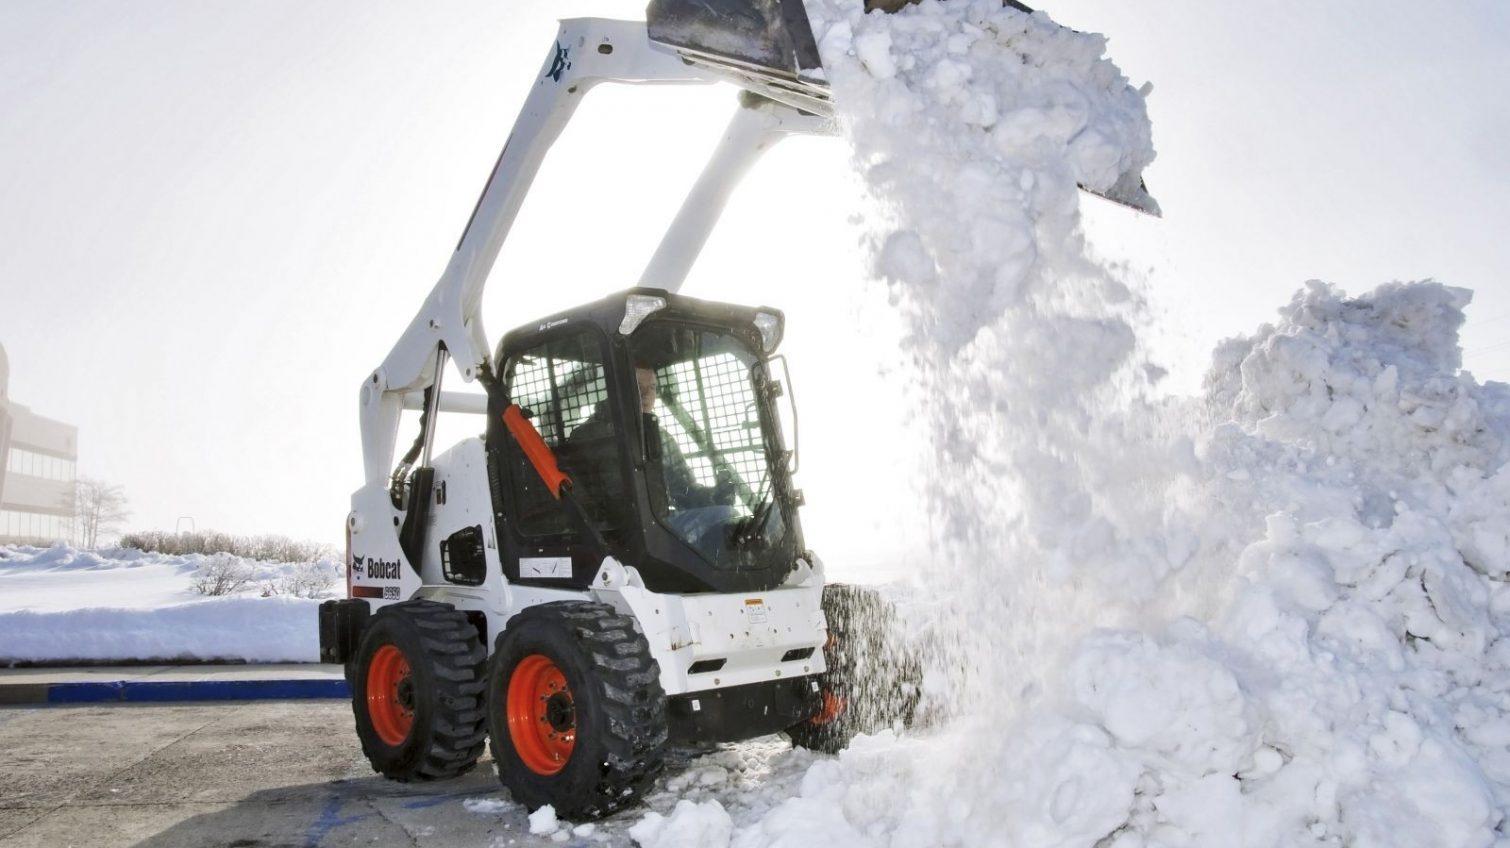 Не снежная погода: аэропорт Одессы не смог заказать услуги по уборке снега за 2,5 миллиона «фото»